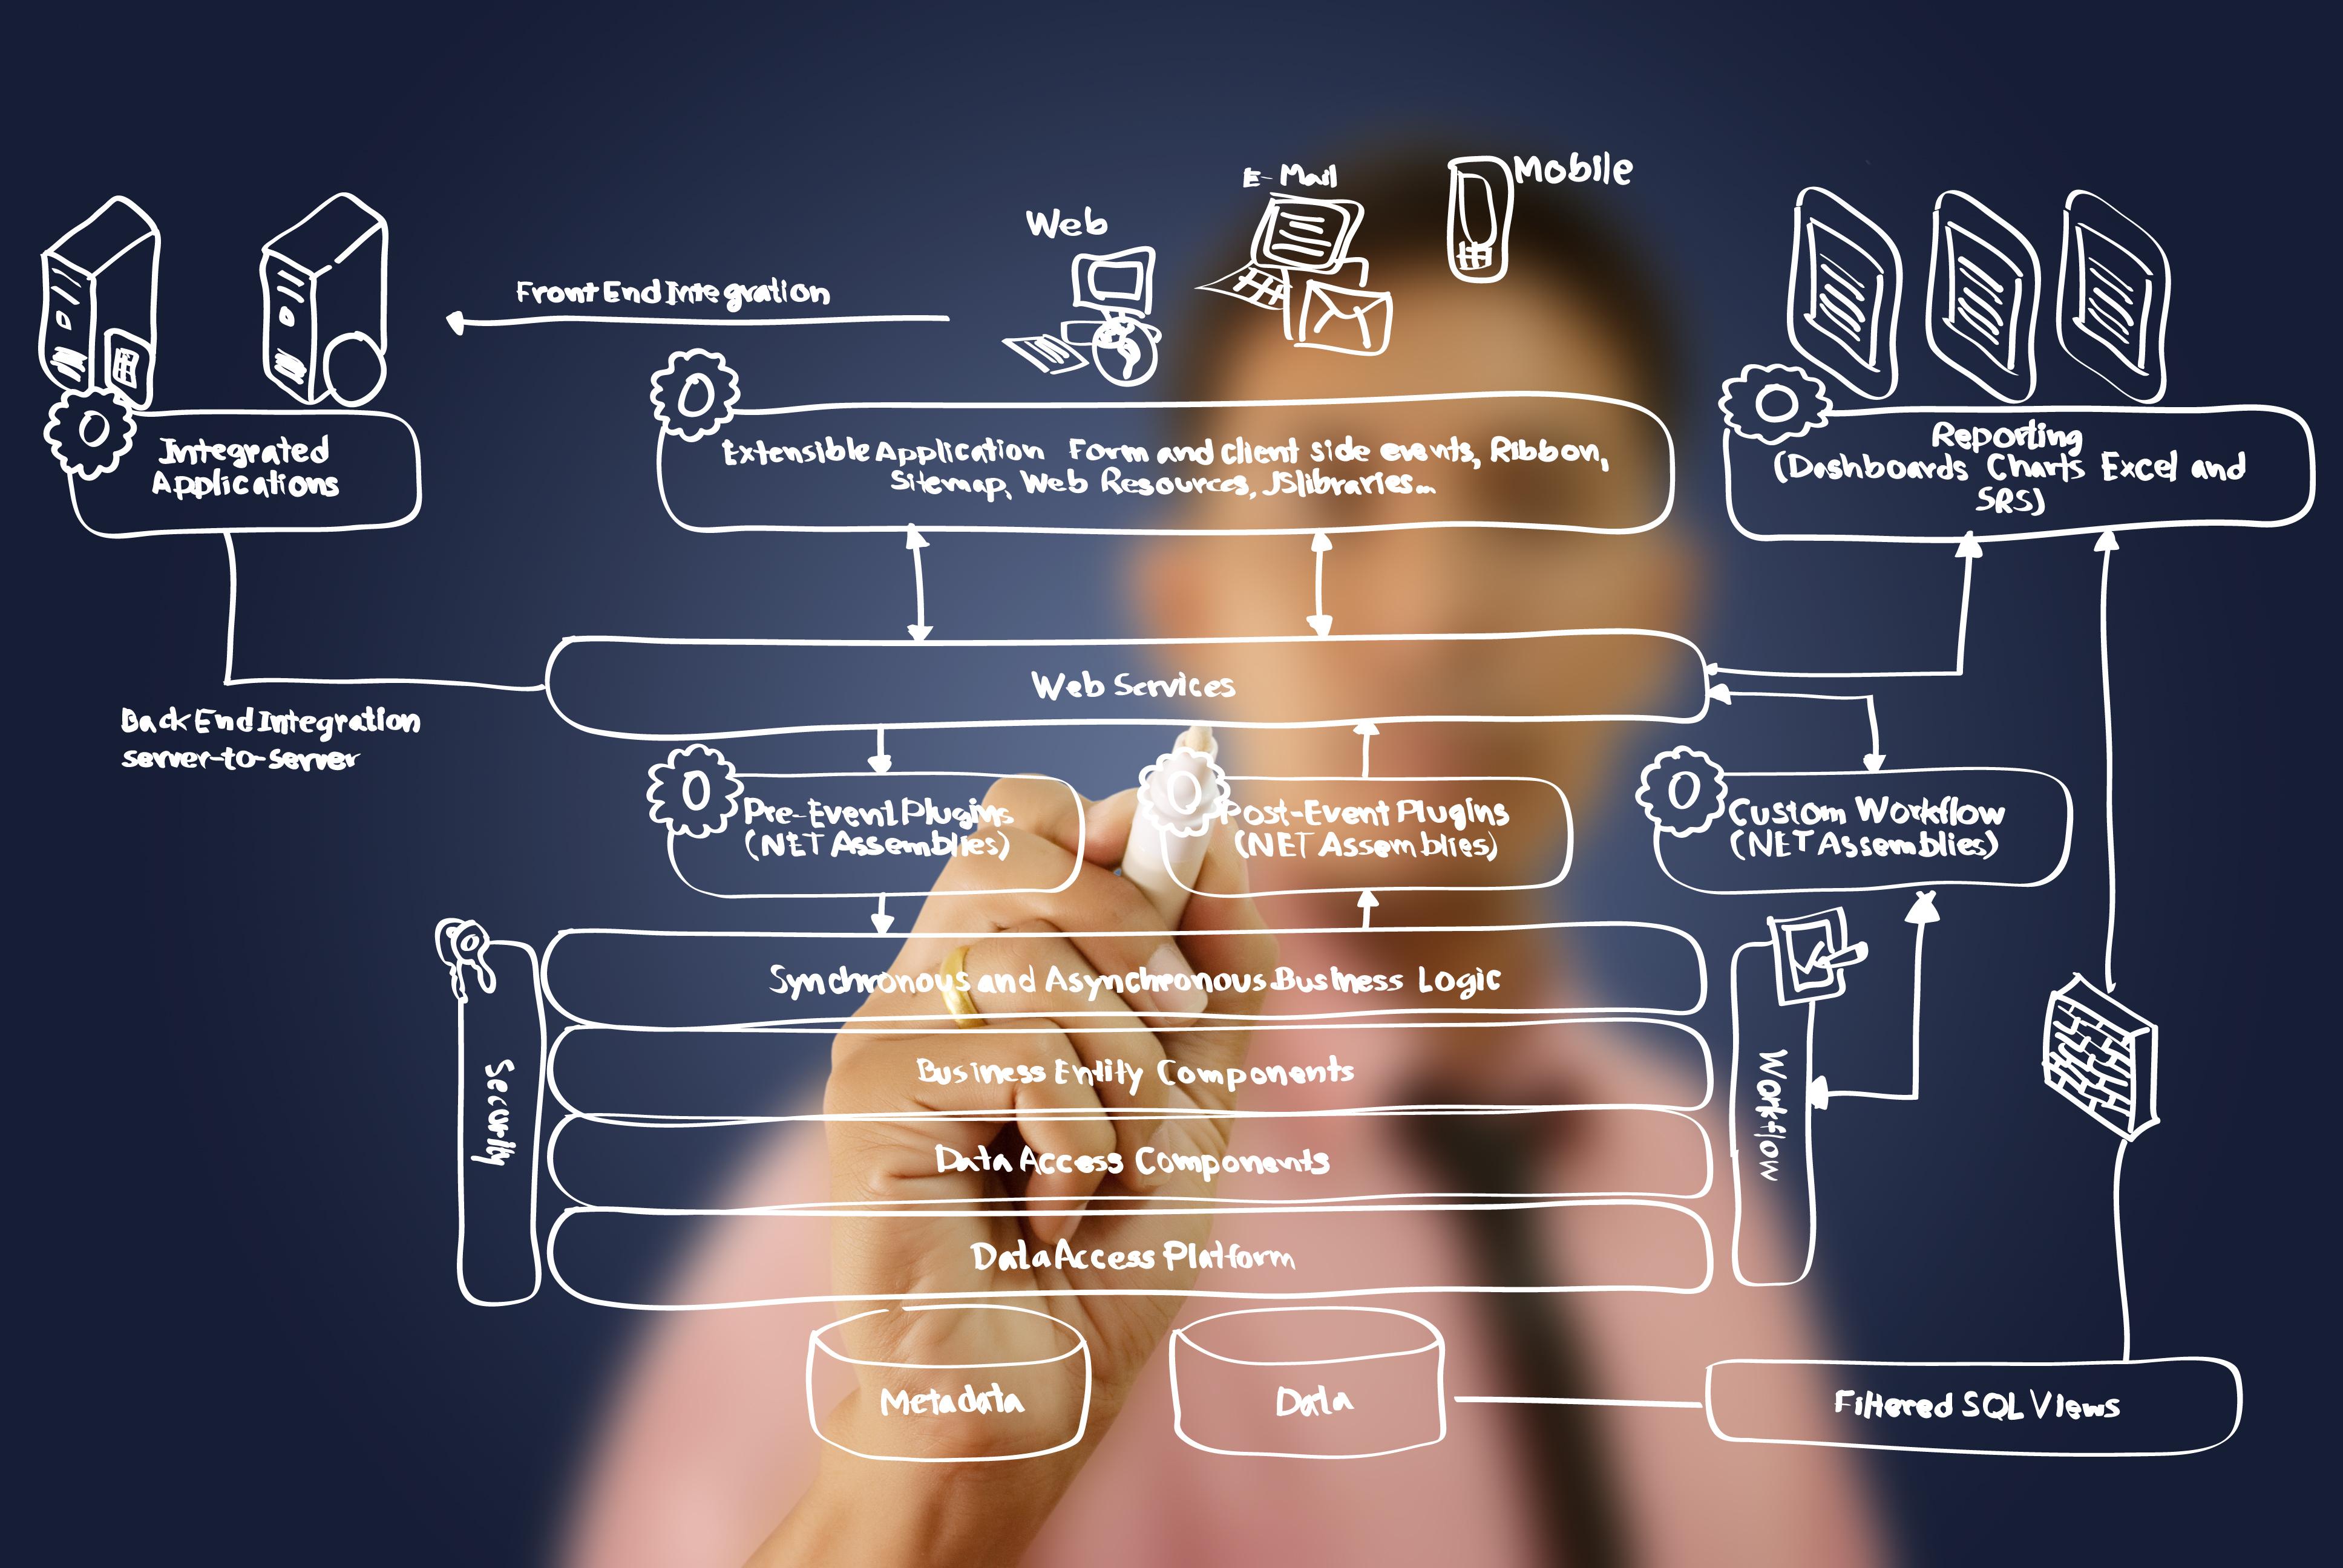 Тестване на Уеб Услуги (Web Services Testing)